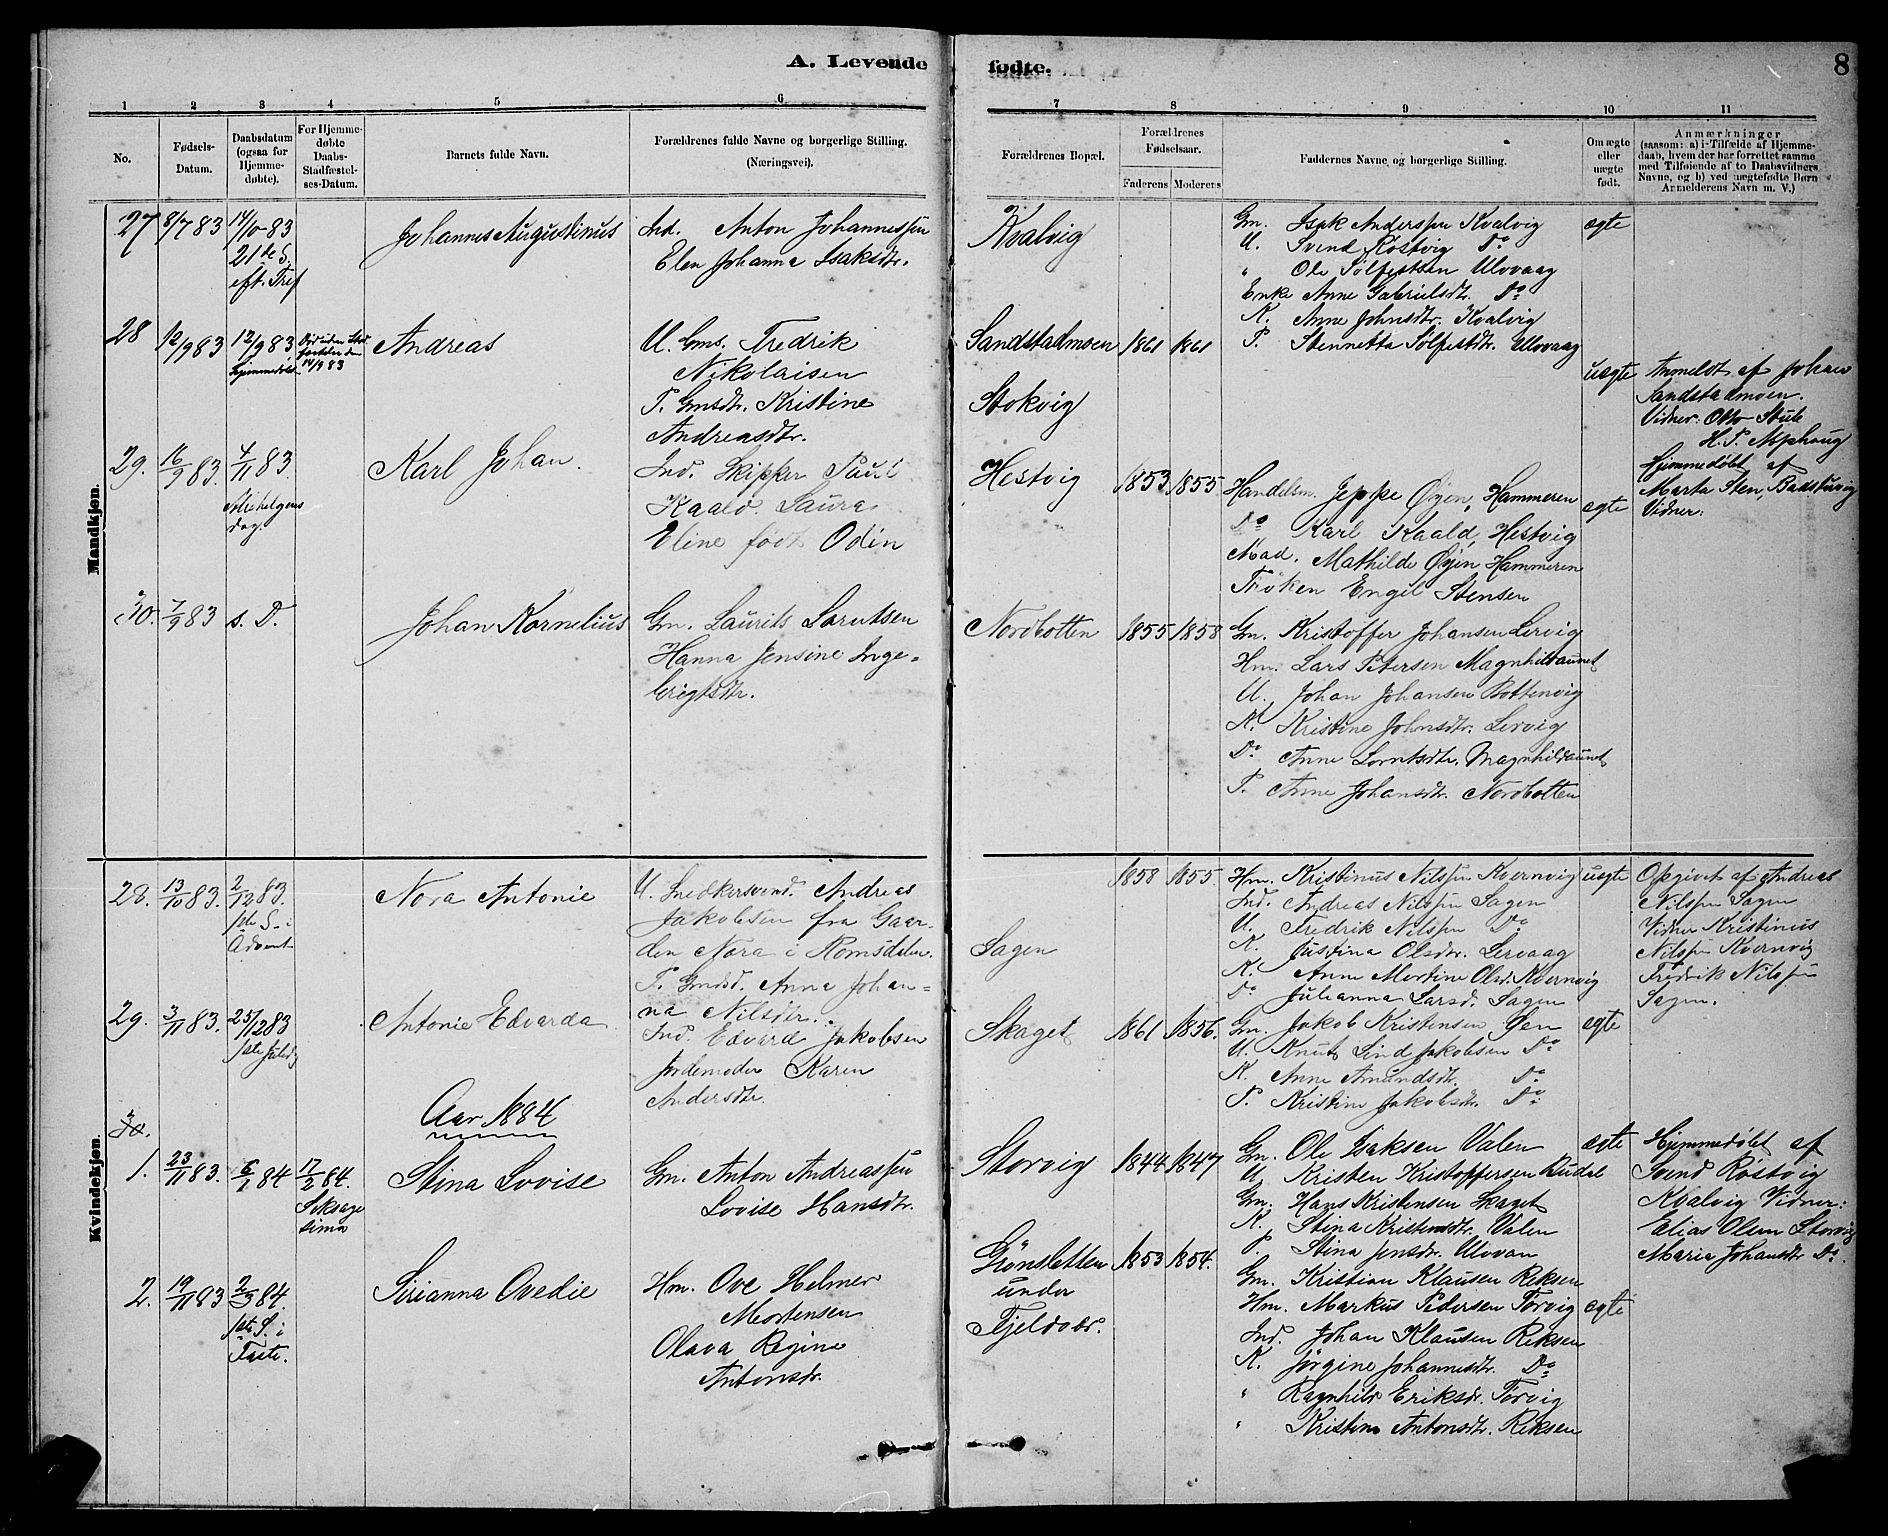 SAT, Ministerialprotokoller, klokkerbøker og fødselsregistre - Sør-Trøndelag, 637/L0562: Klokkerbok nr. 637C03, 1883-1898, s. 8